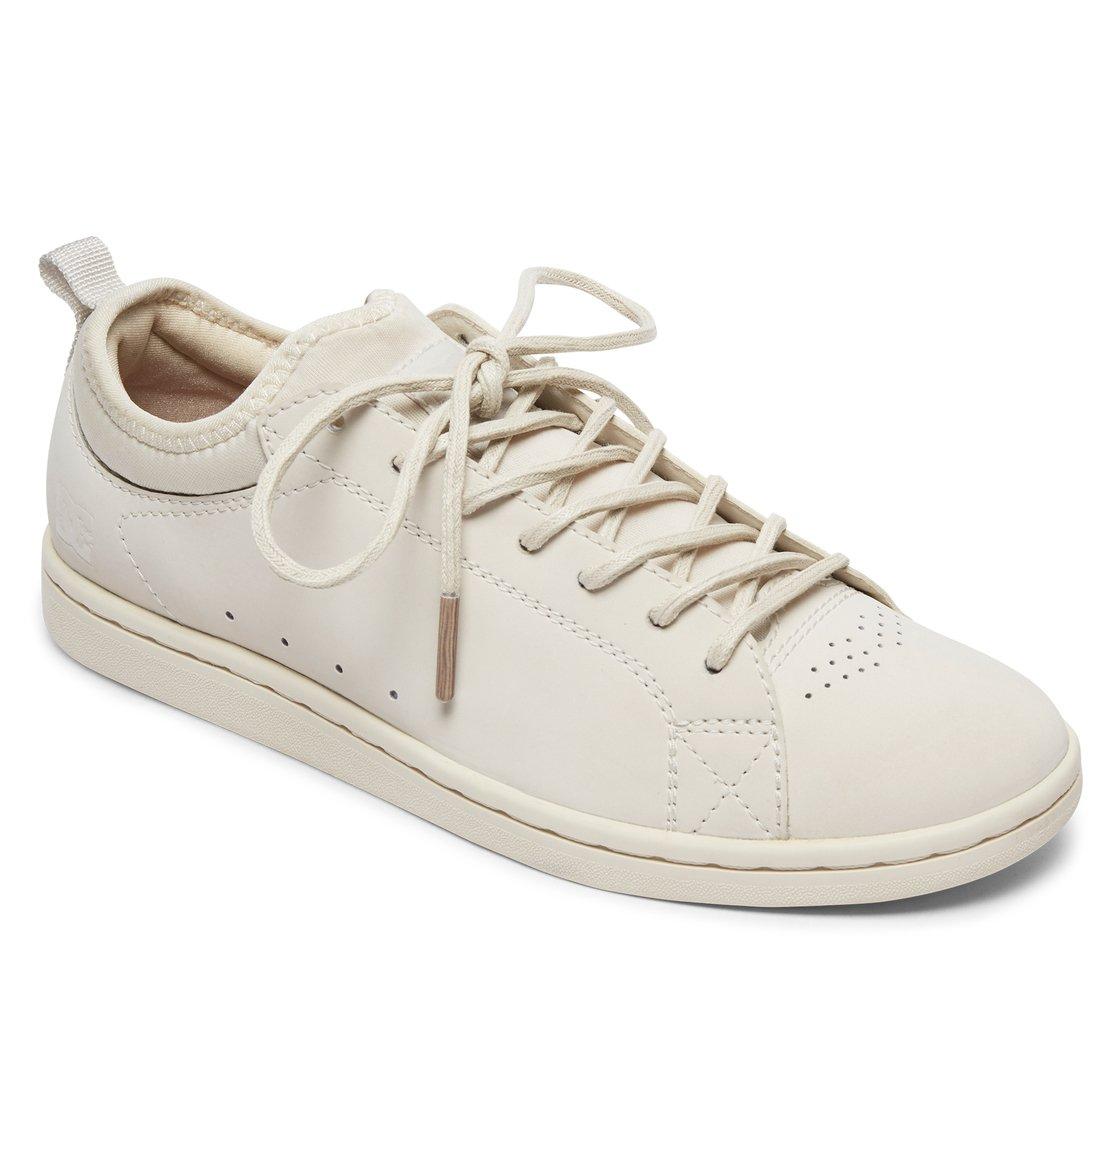 17f2af46d 1 Tenis Cano Baixo Feminino DC Shoes Magnolia SE Branco BRADJS100104 DC  Shoes